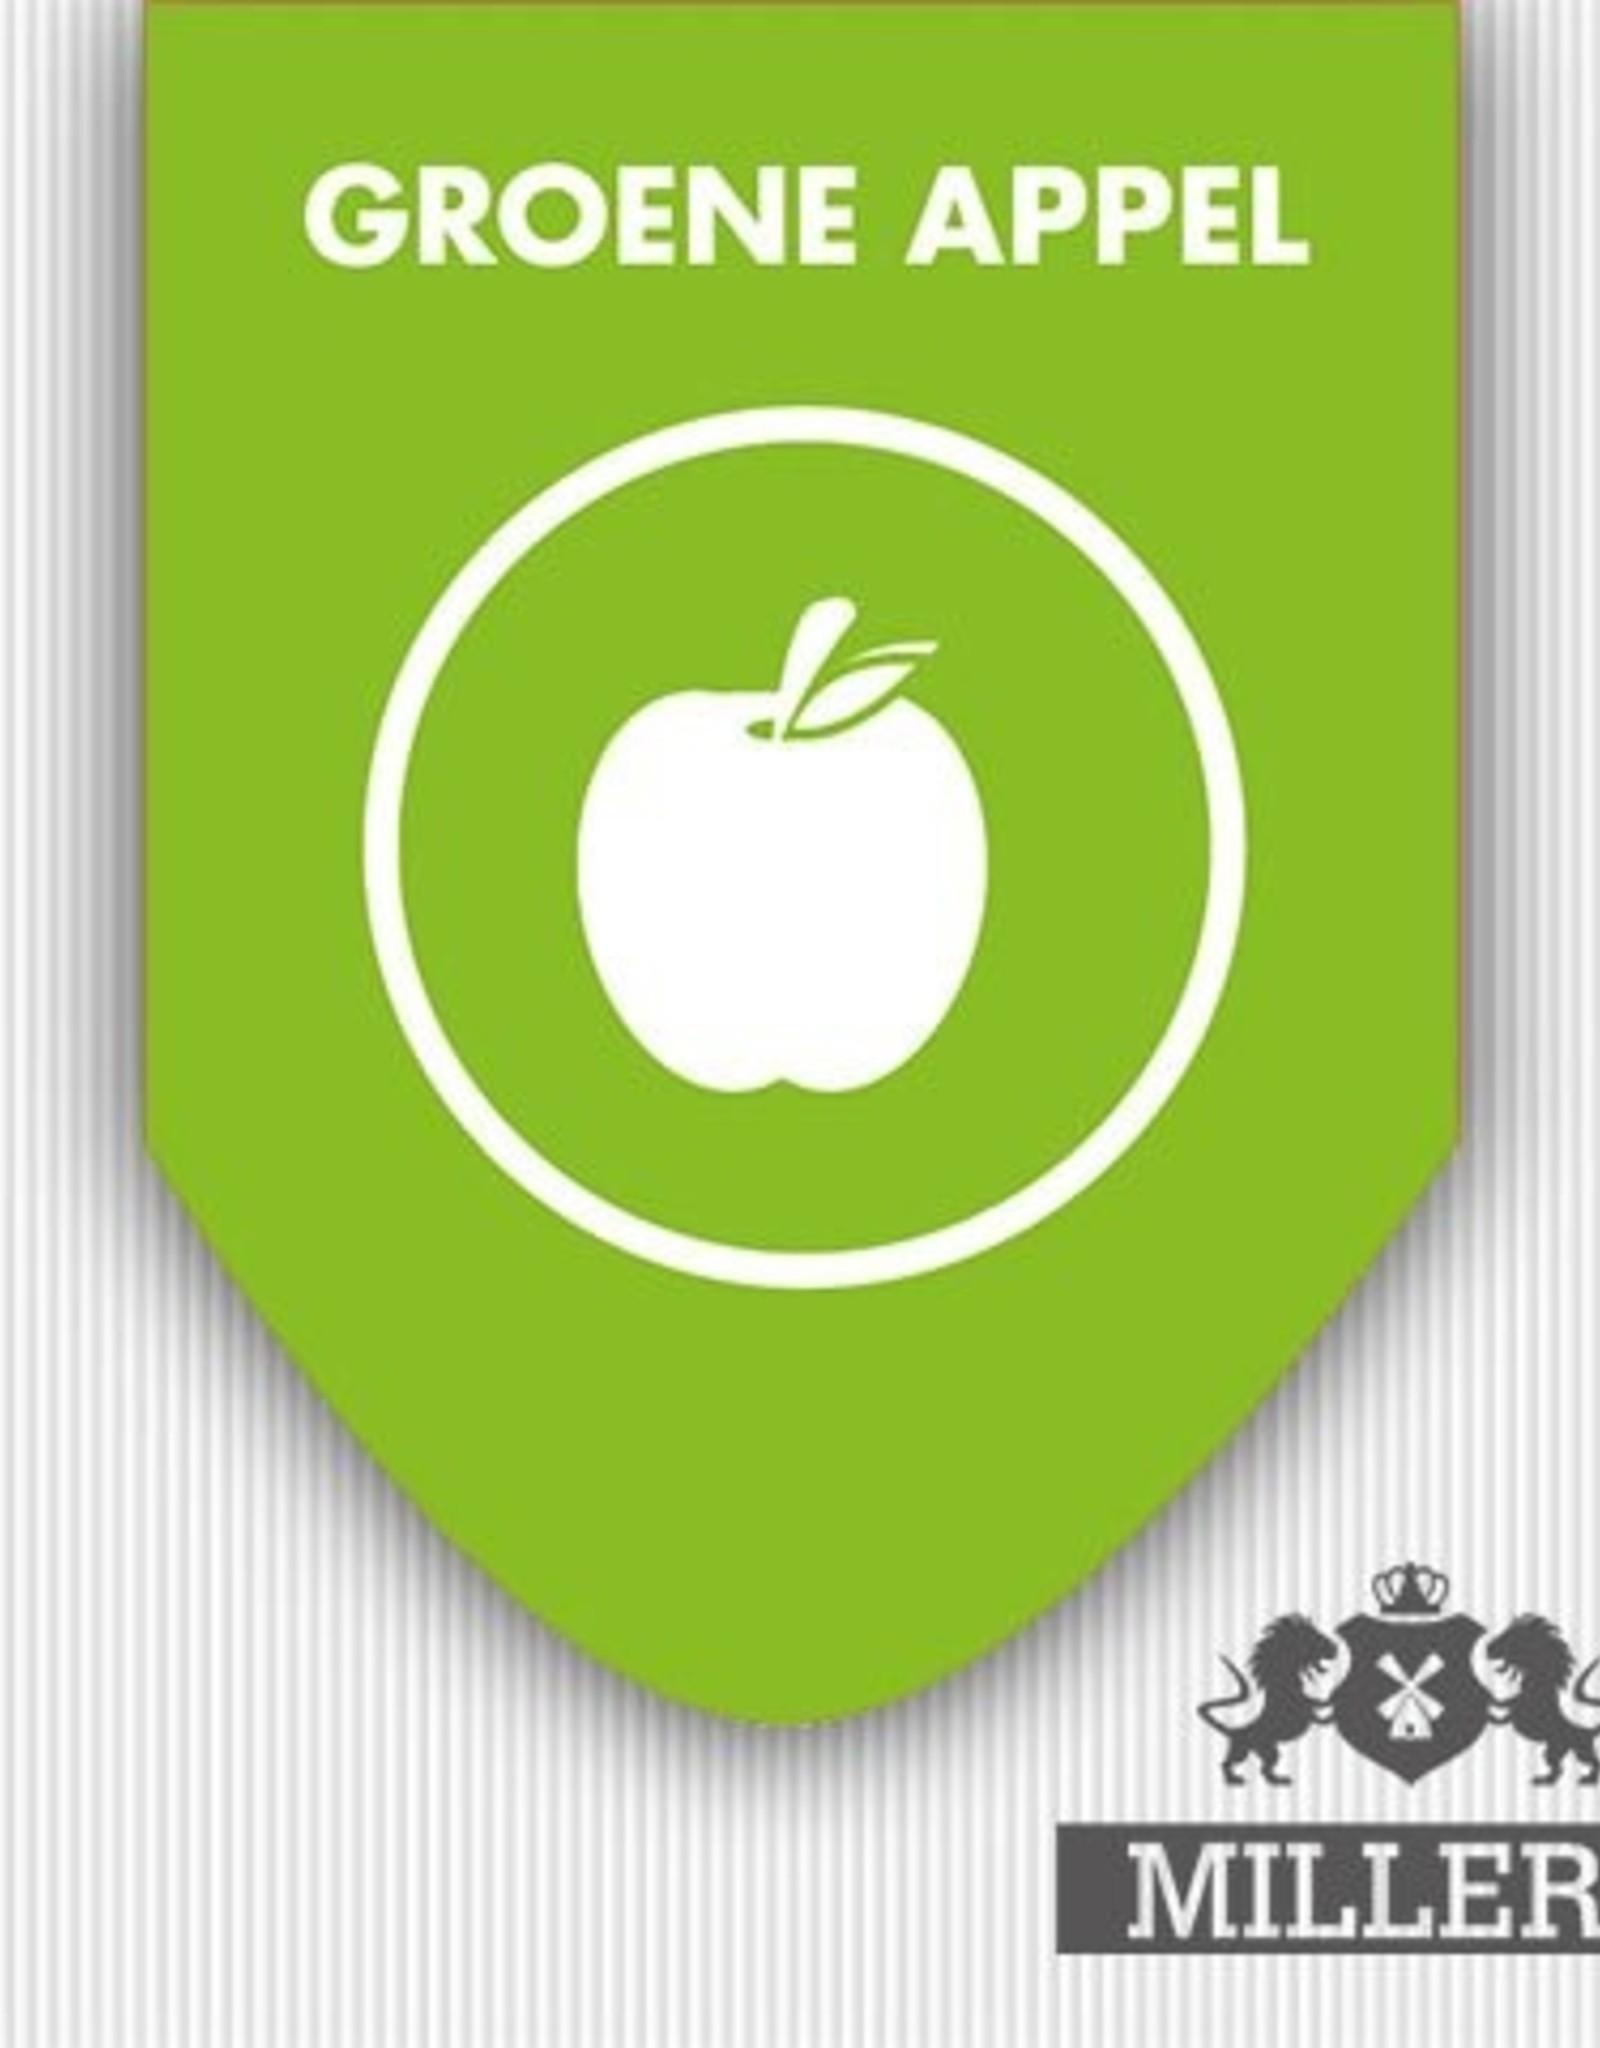 Millers Juice Miller Juice E-liquid Silverline 10 ml Groene Appel 3 mg